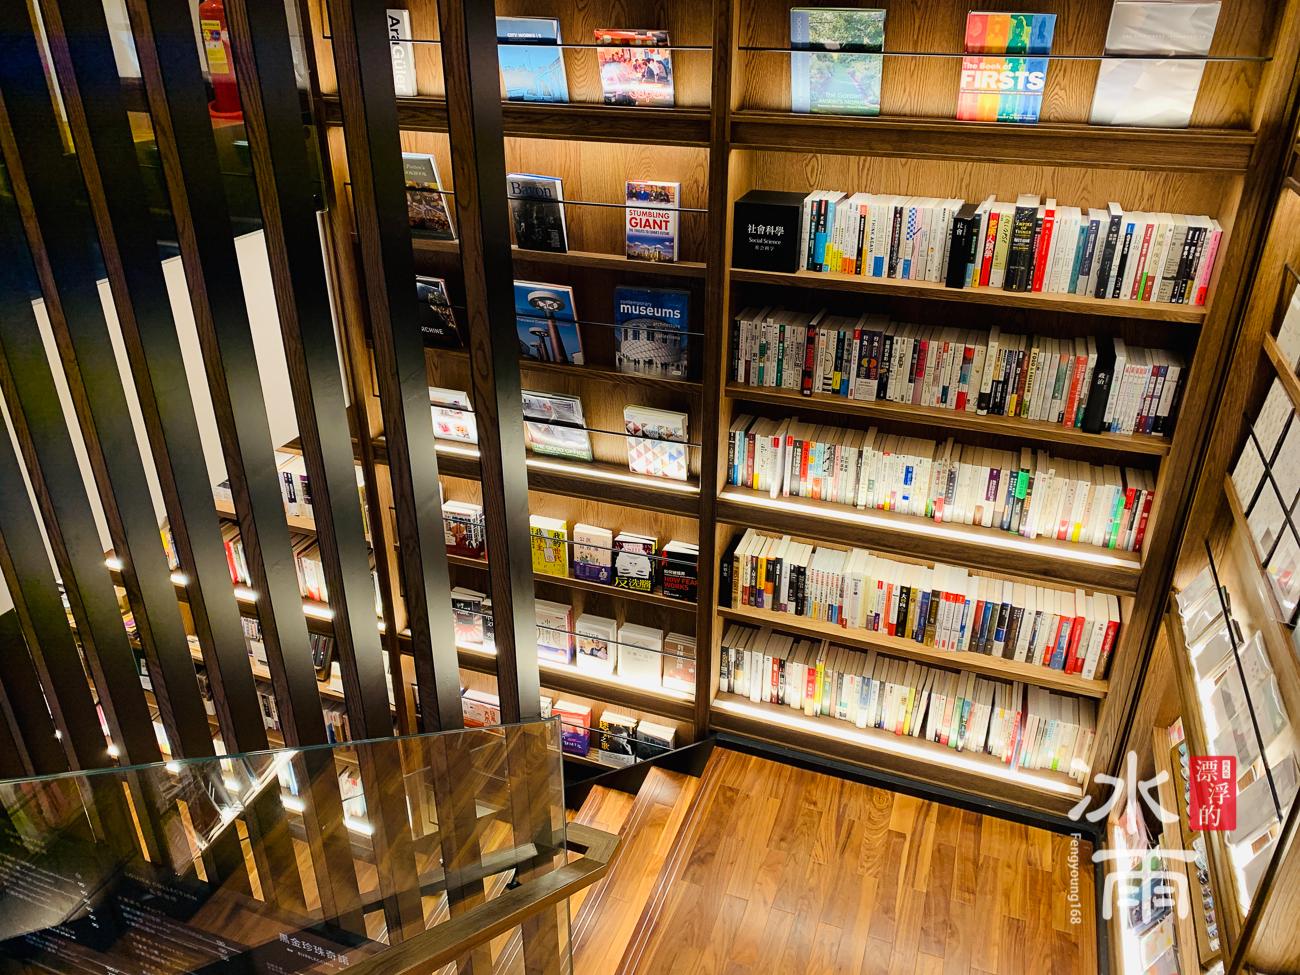 蔦屋書店松山店二樓階梯往下看內部照片